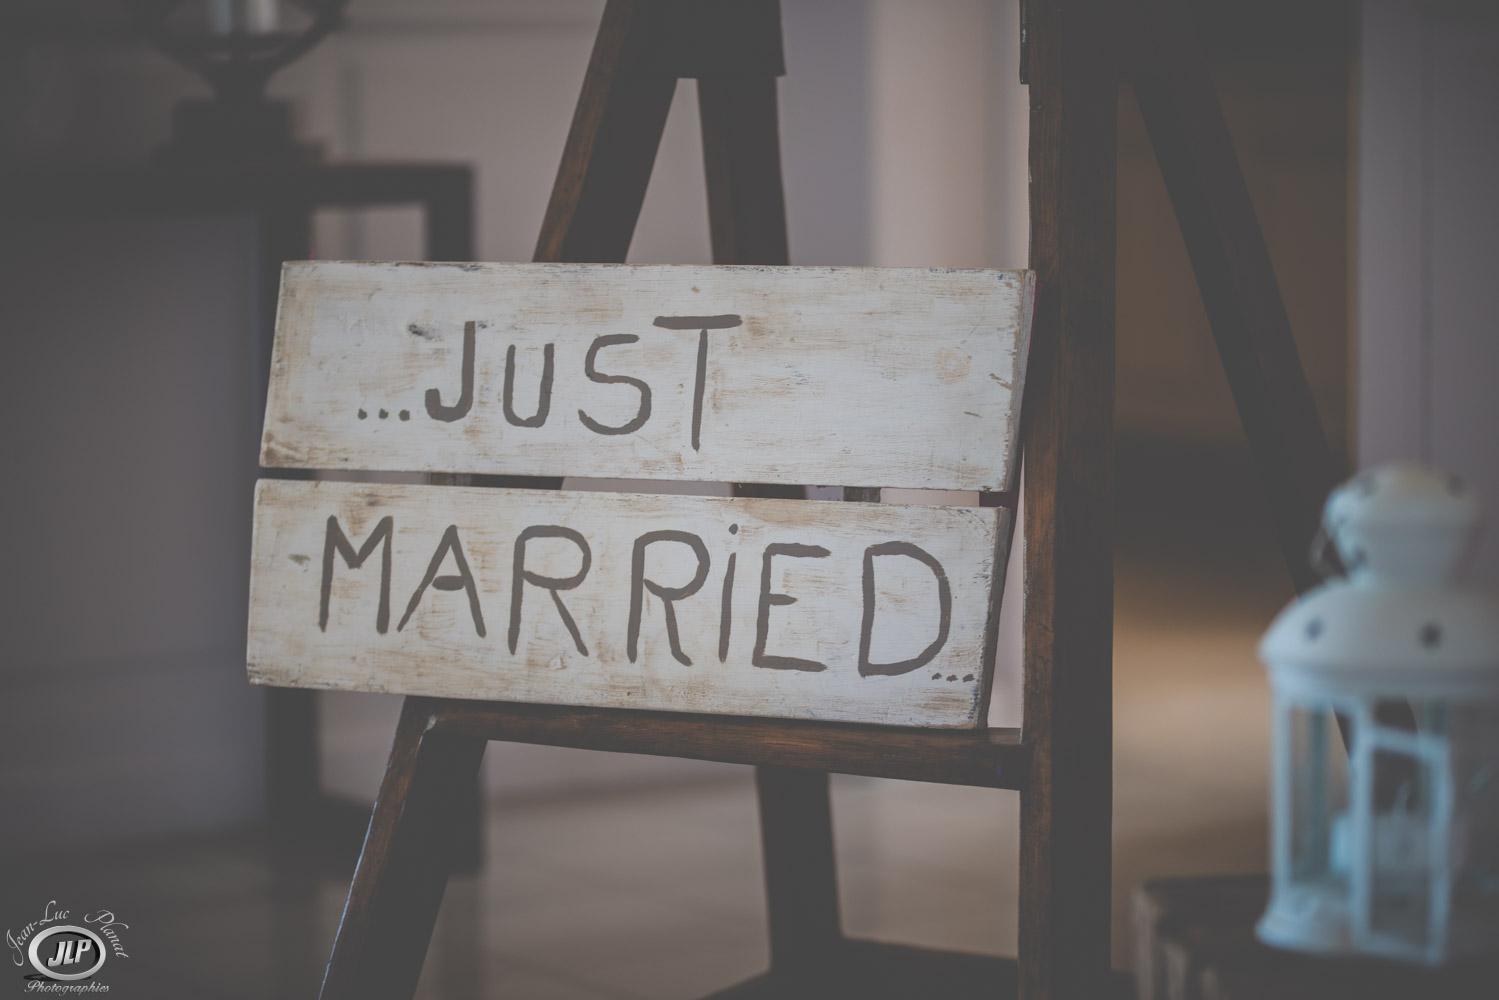 jlp photographe de mariage var et paca 3 - Domaine Viticole Mariage Var